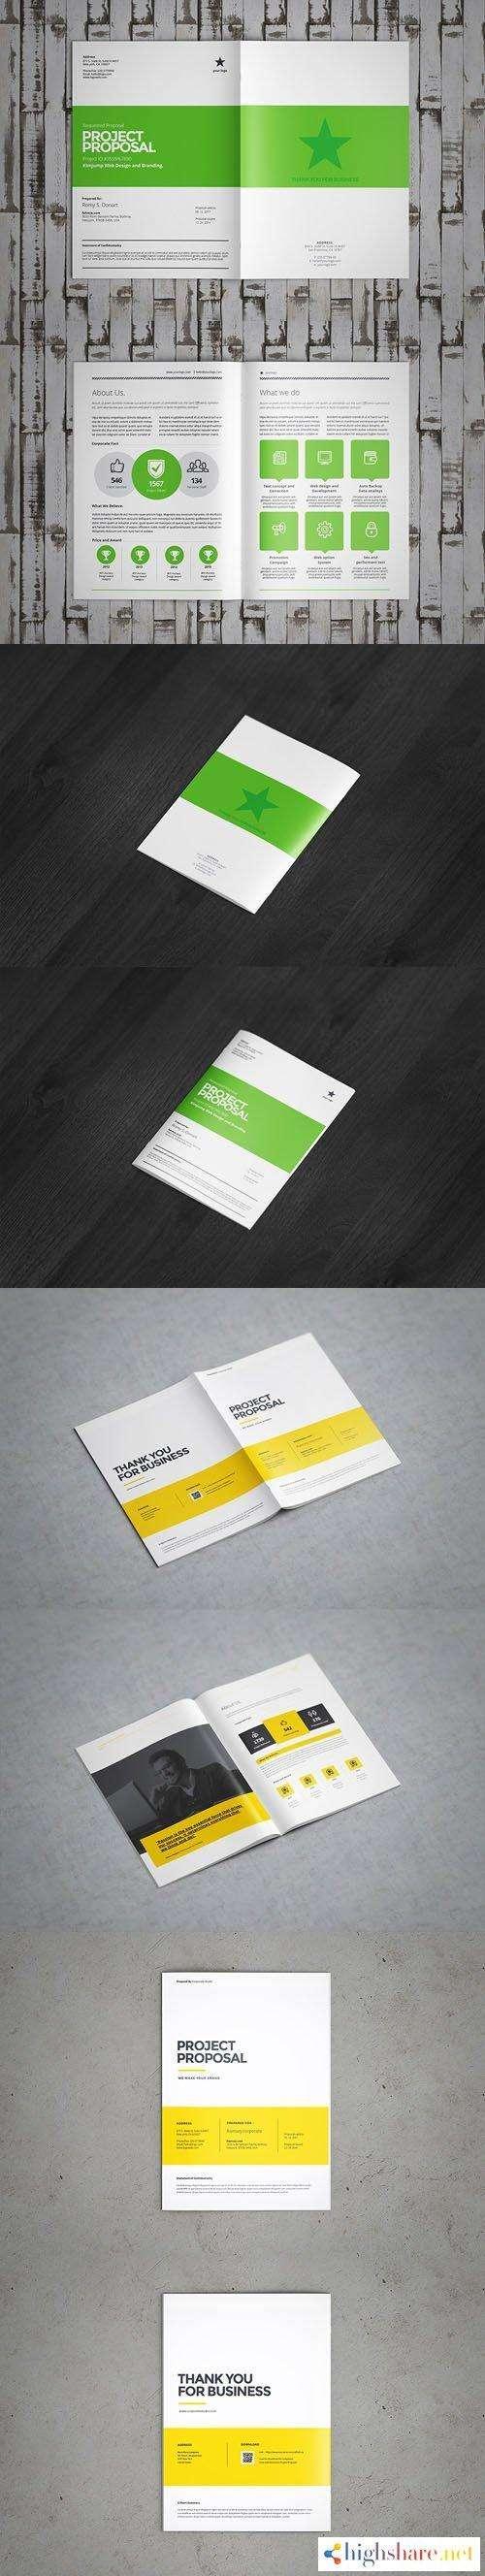 a4 brochure catalogue psd mockups 5f41f069a7c33 - A4 Brochure & Catalogue PSD Mockups